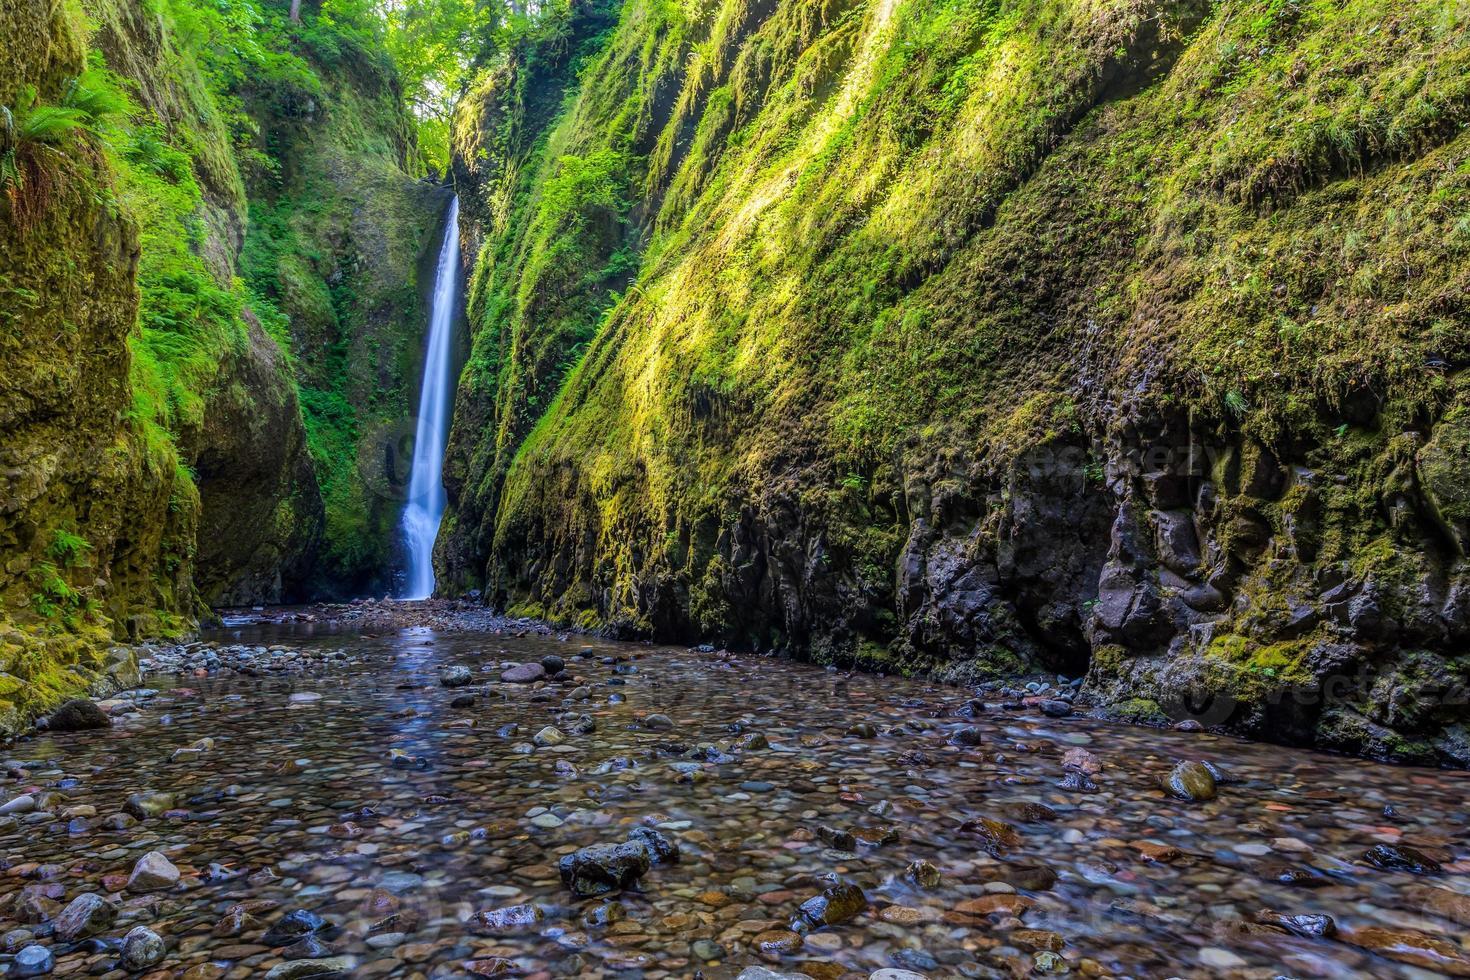 belle cascade et canyon dans oneonta gorge trail, oregon photo